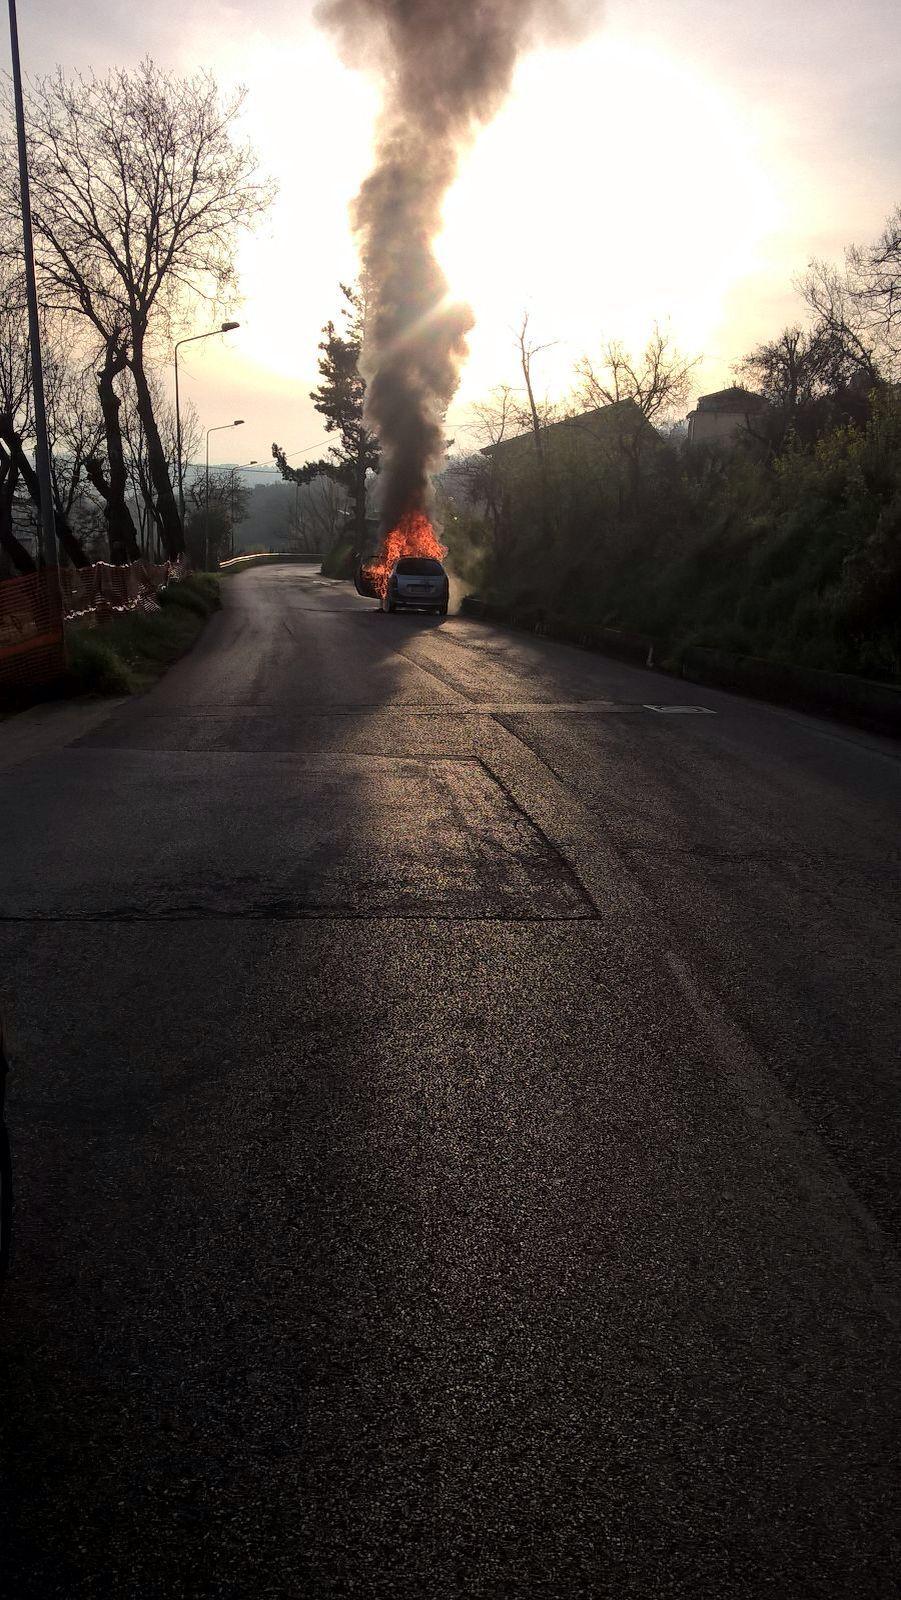 S.Nicola Manfredi: in fiamme una vettura